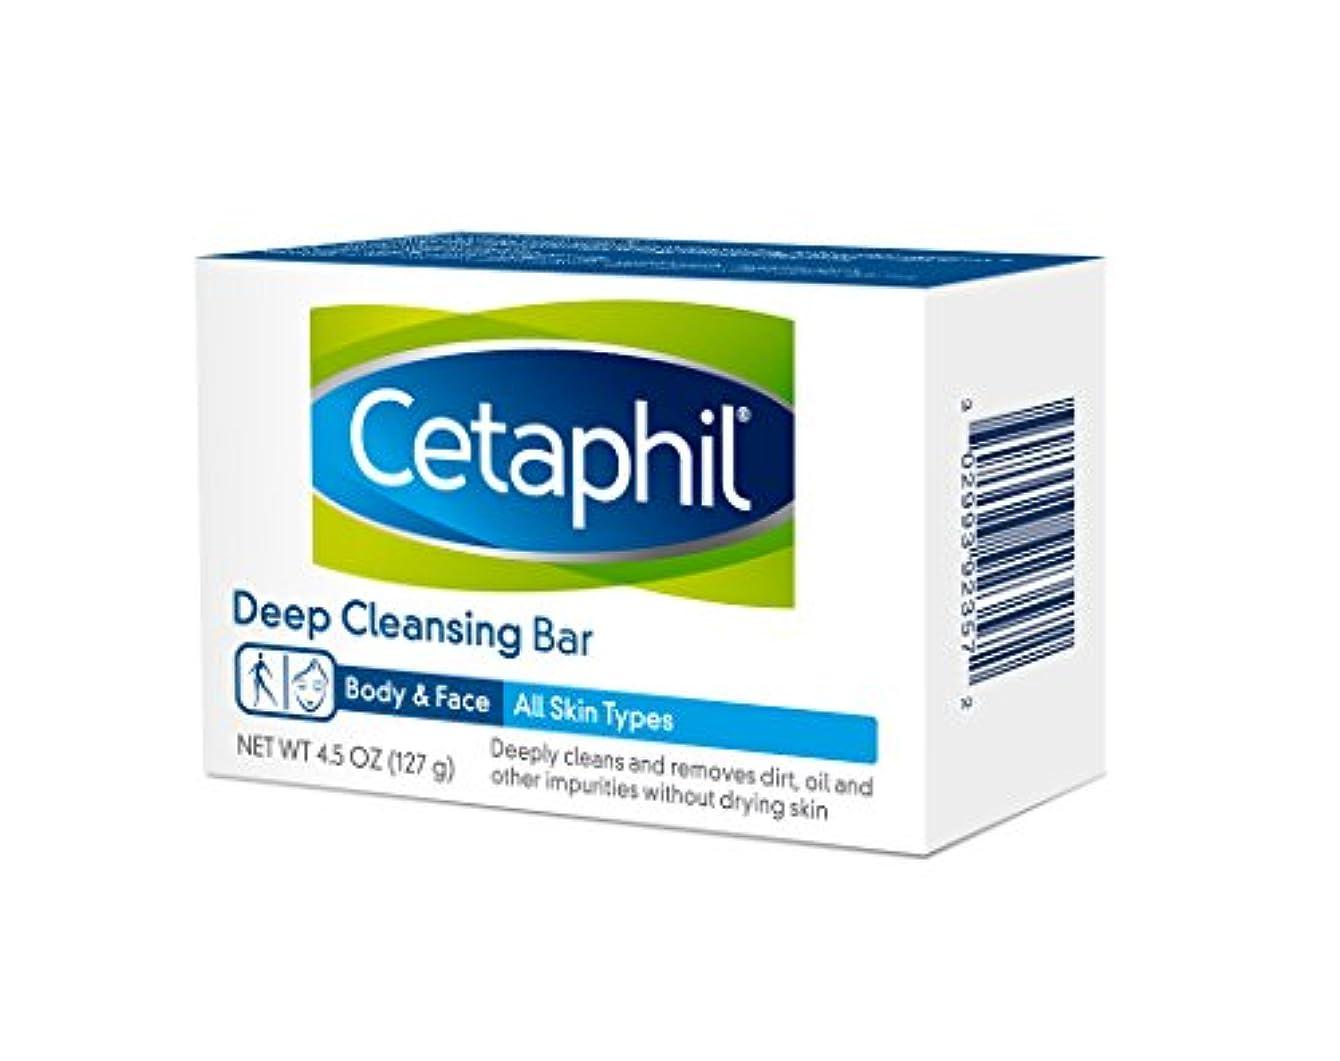 あたたかい三お香Cetaphil Deep Cleansing Face Body Bar for All Skin Types 127g×6個セット 並行輸入品